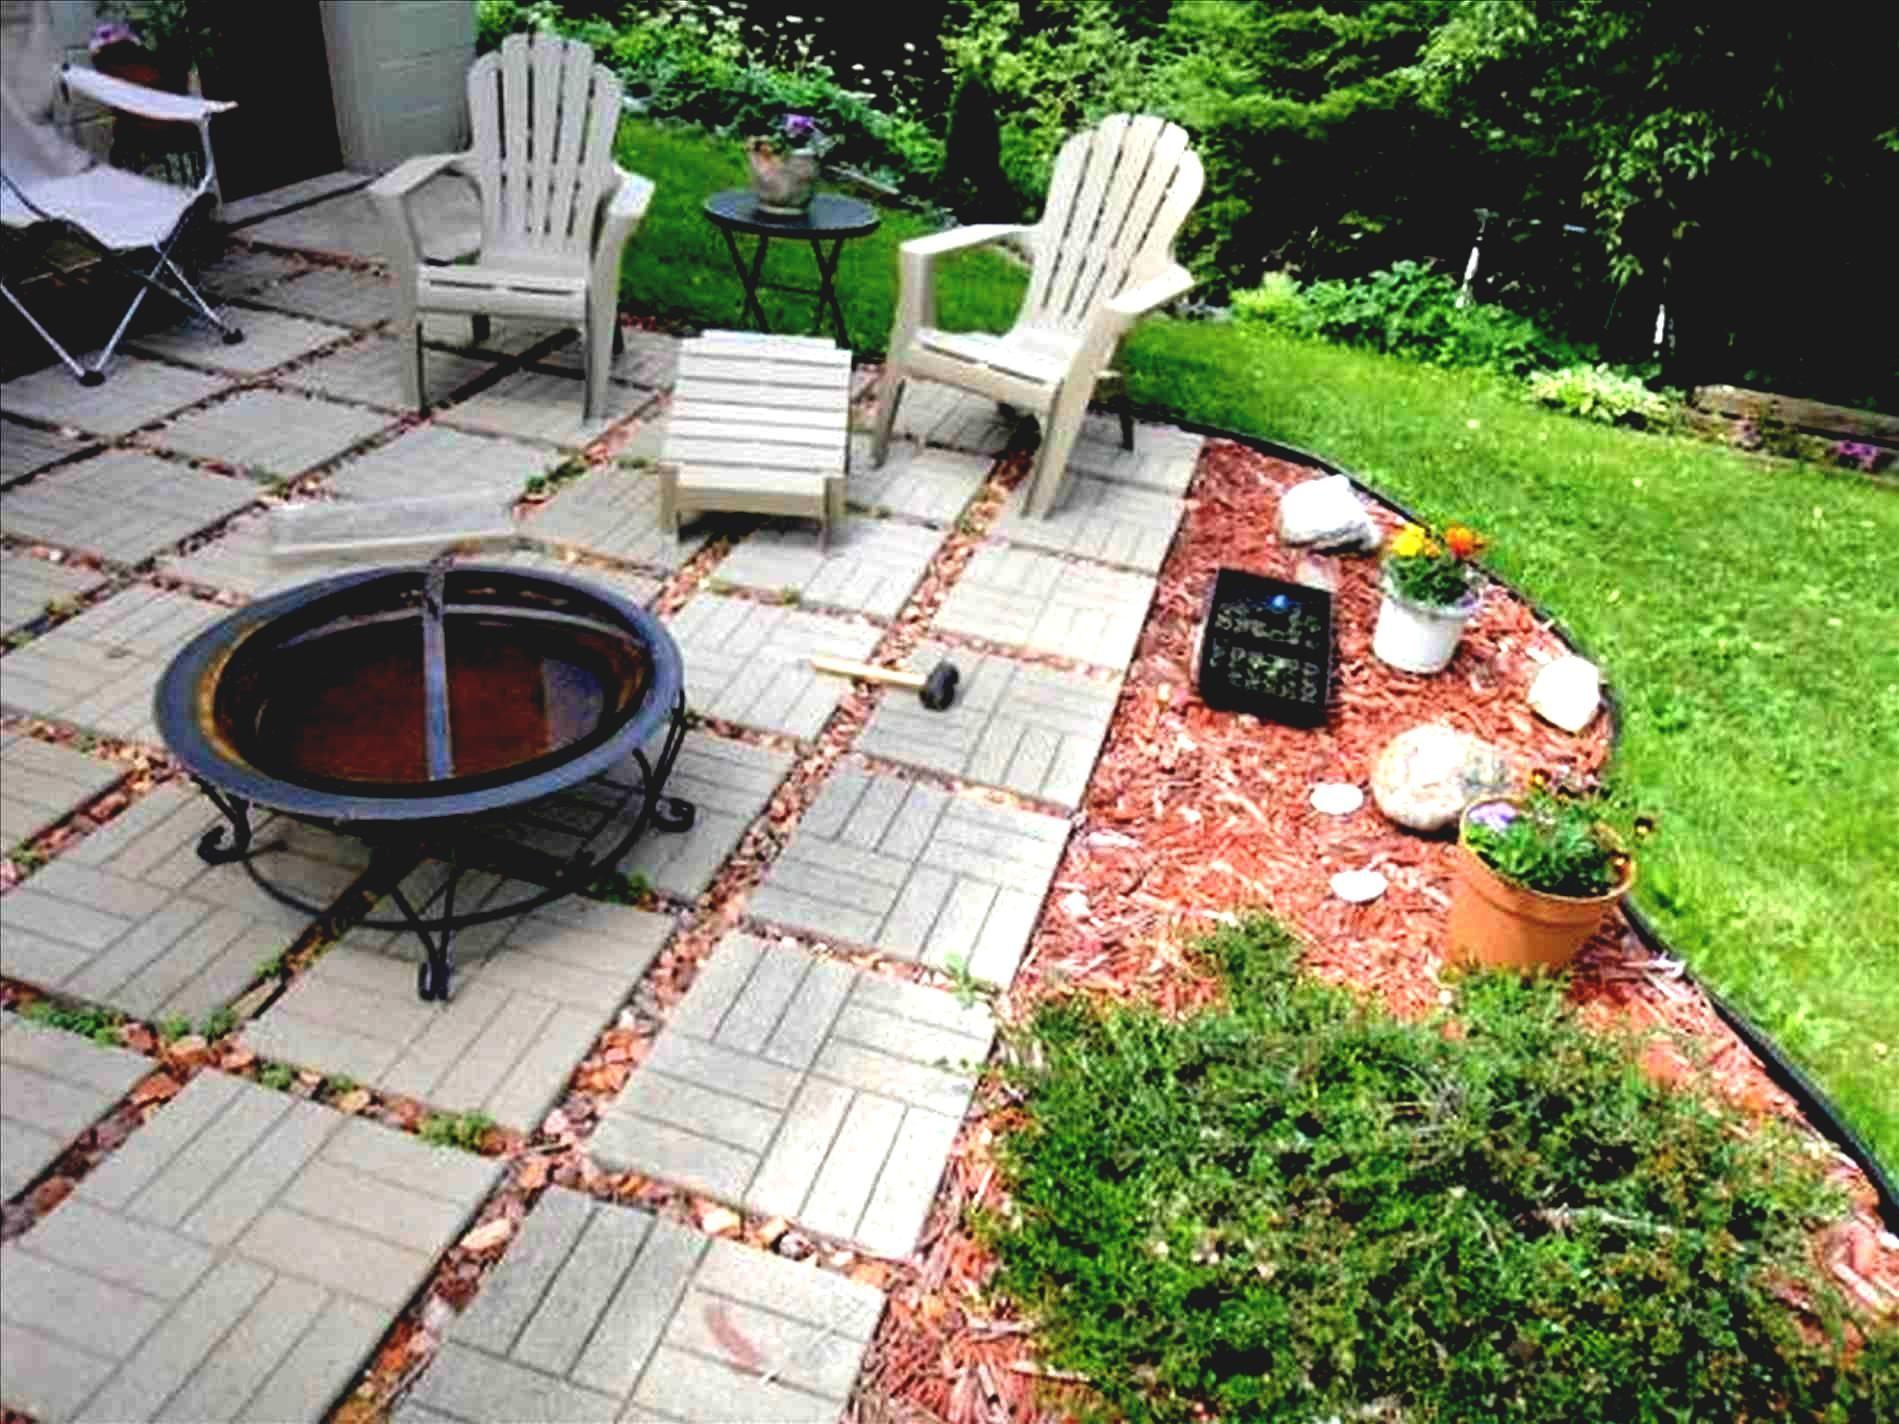 Einfache Kleine Hinterhof Ideen Patio Design Auf Einem Budget Mir  #Gartendeko